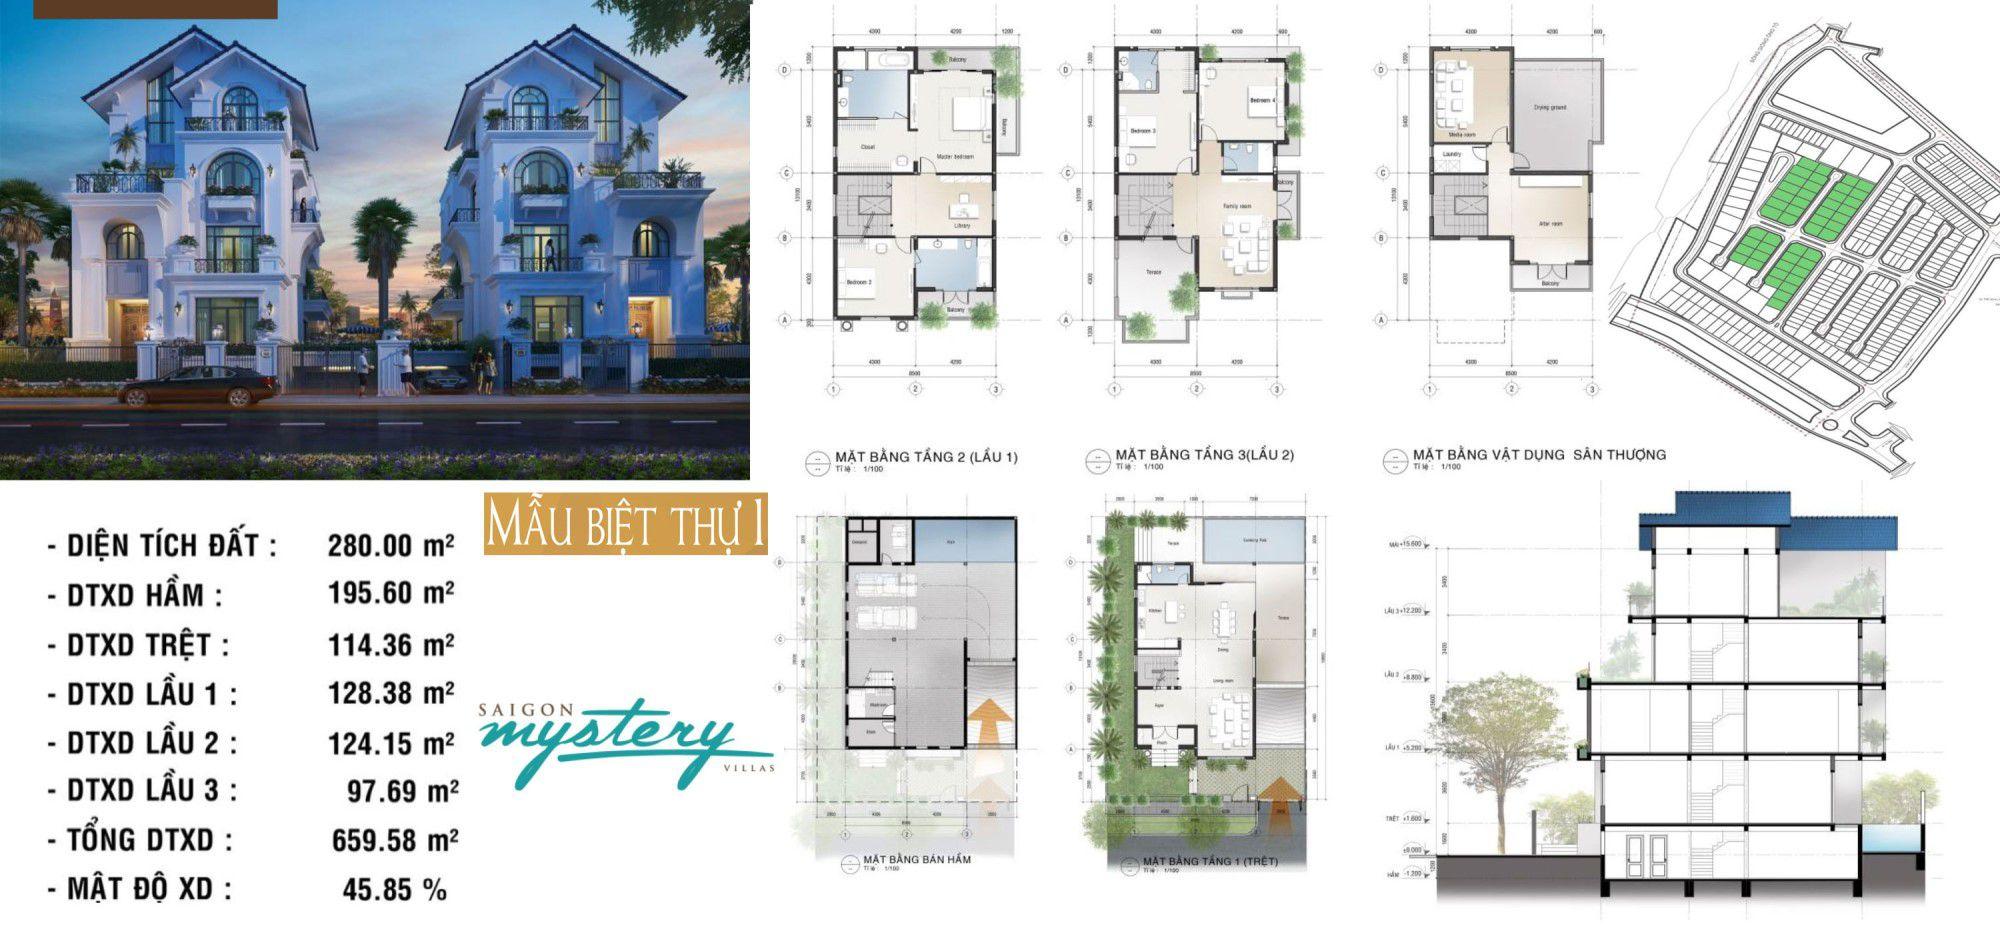 Thiết kế biệt thự Saigon Mystery Villas mẫu 1